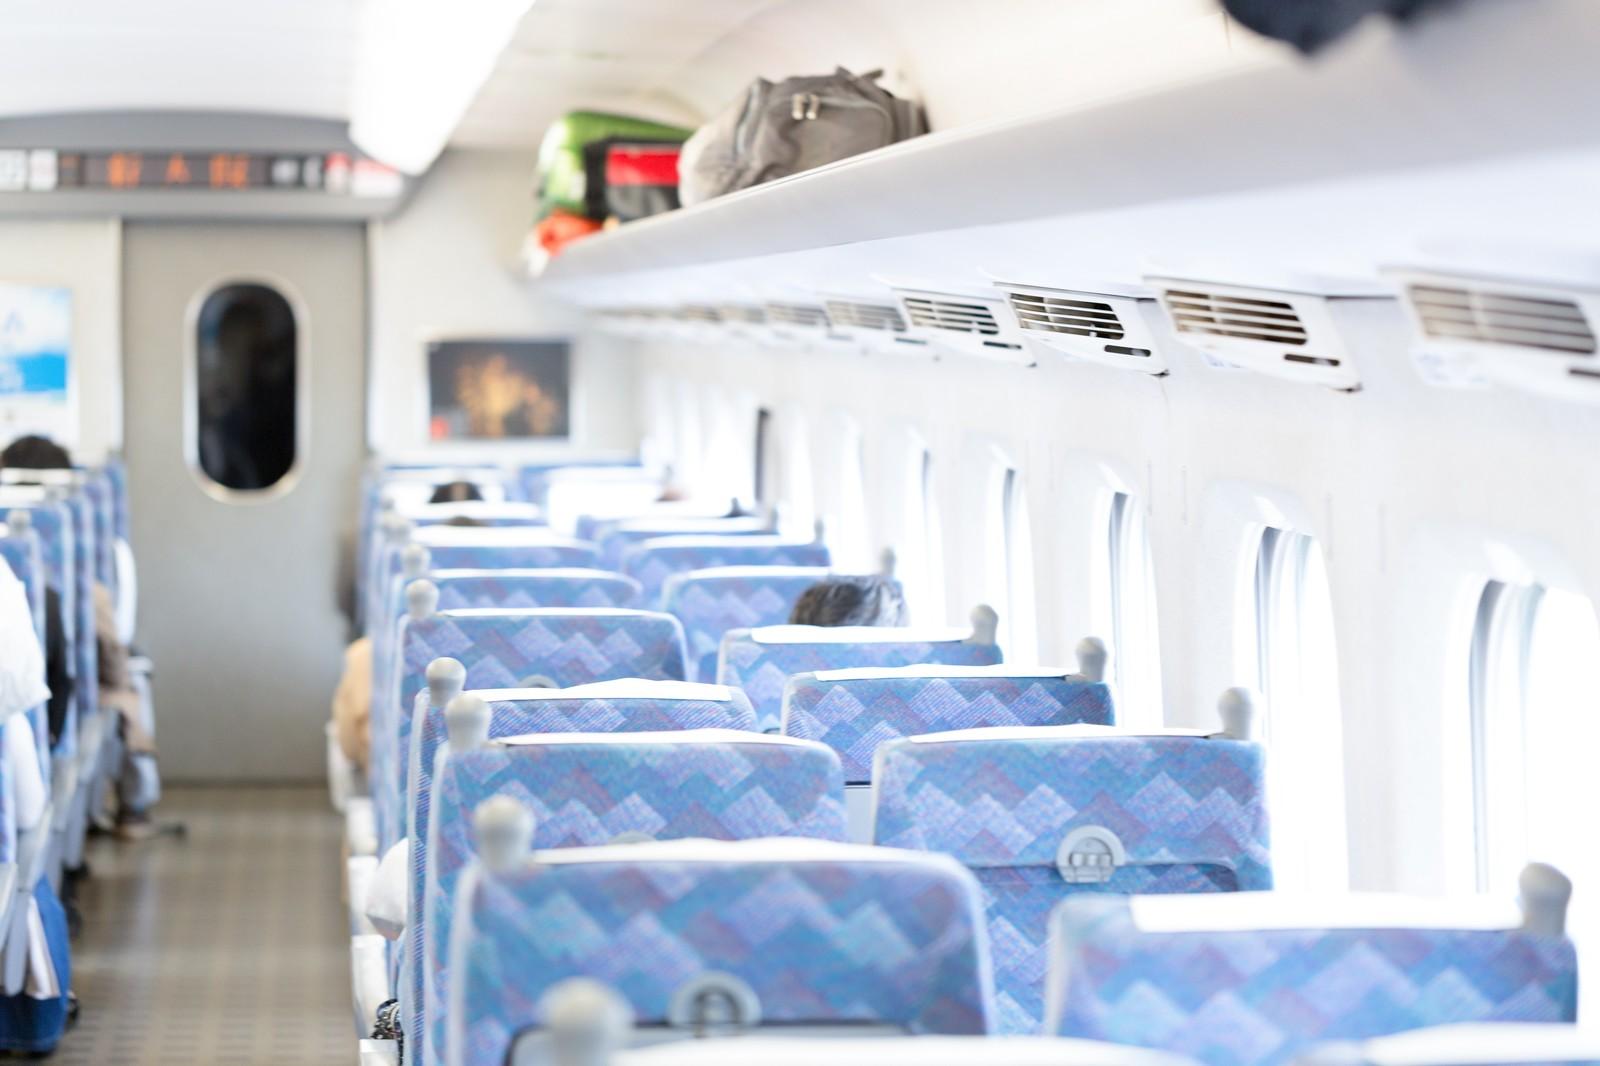 東京から弘前までの公共交通アクセス3つ比較【新幹線・飛行機・高速バス】